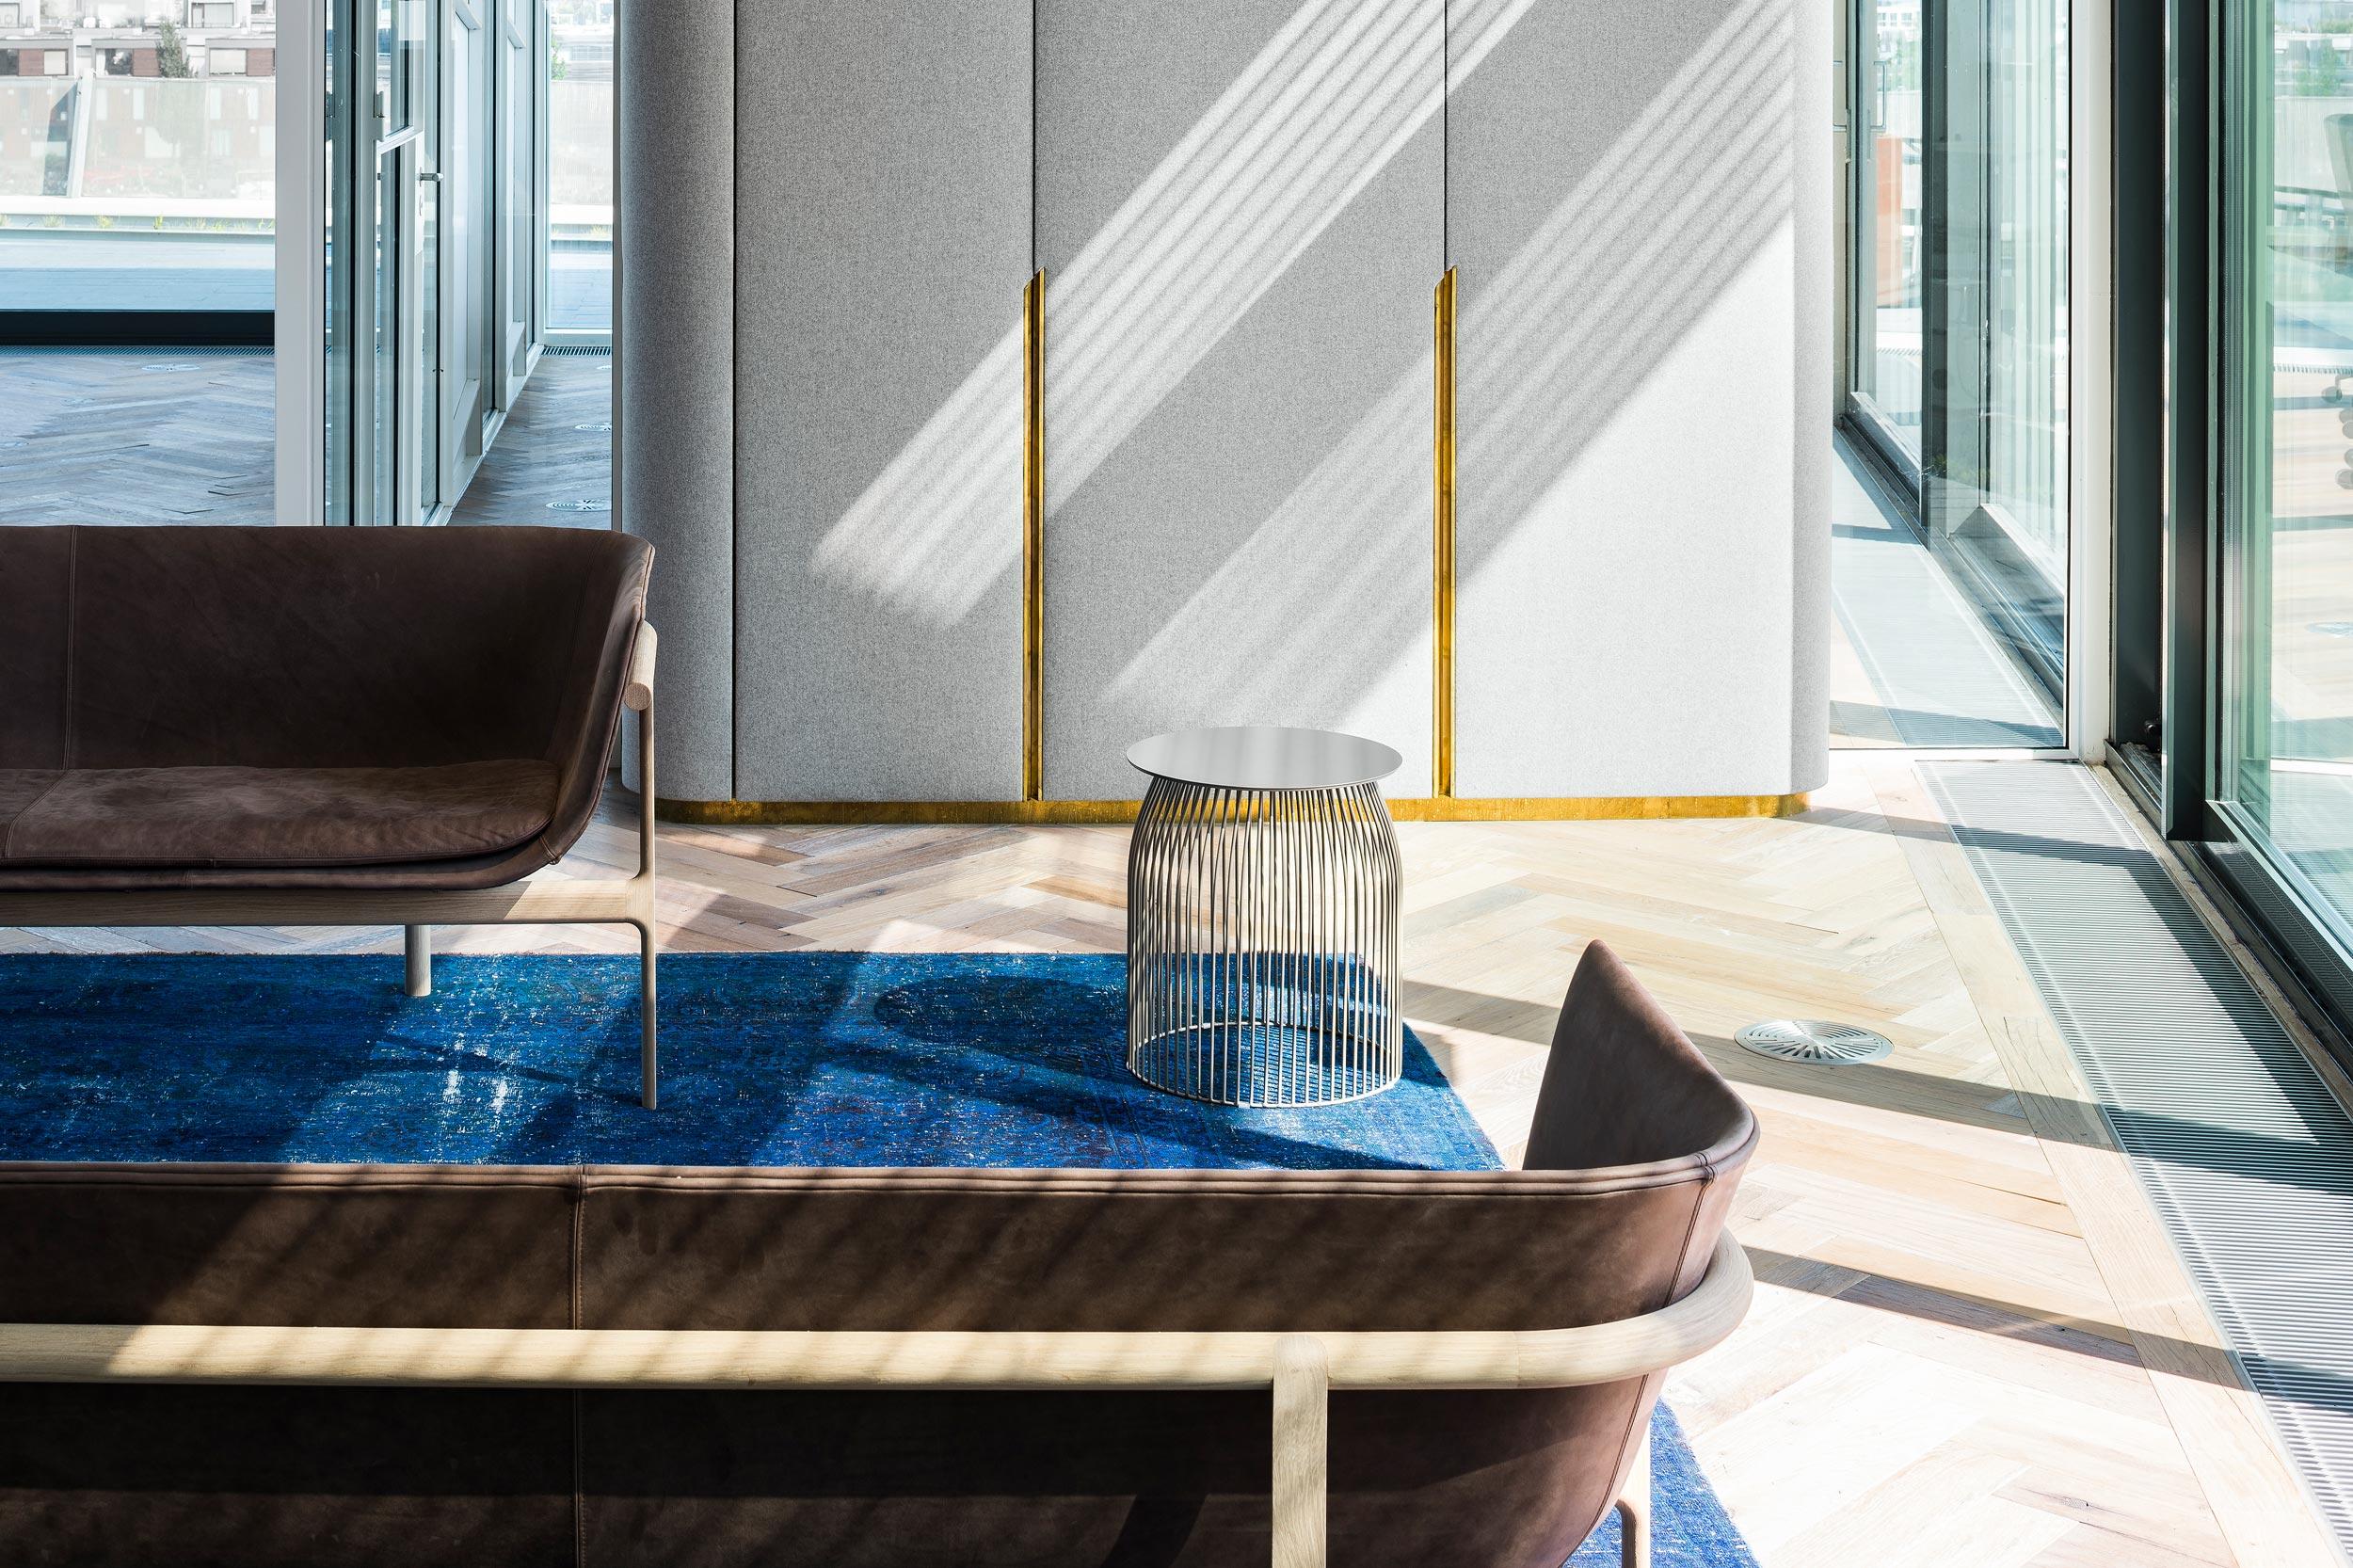 Meubilair in Amvest hoofdkantoor Amsterdam - Chiel de Nooyer, interieurfotograaf